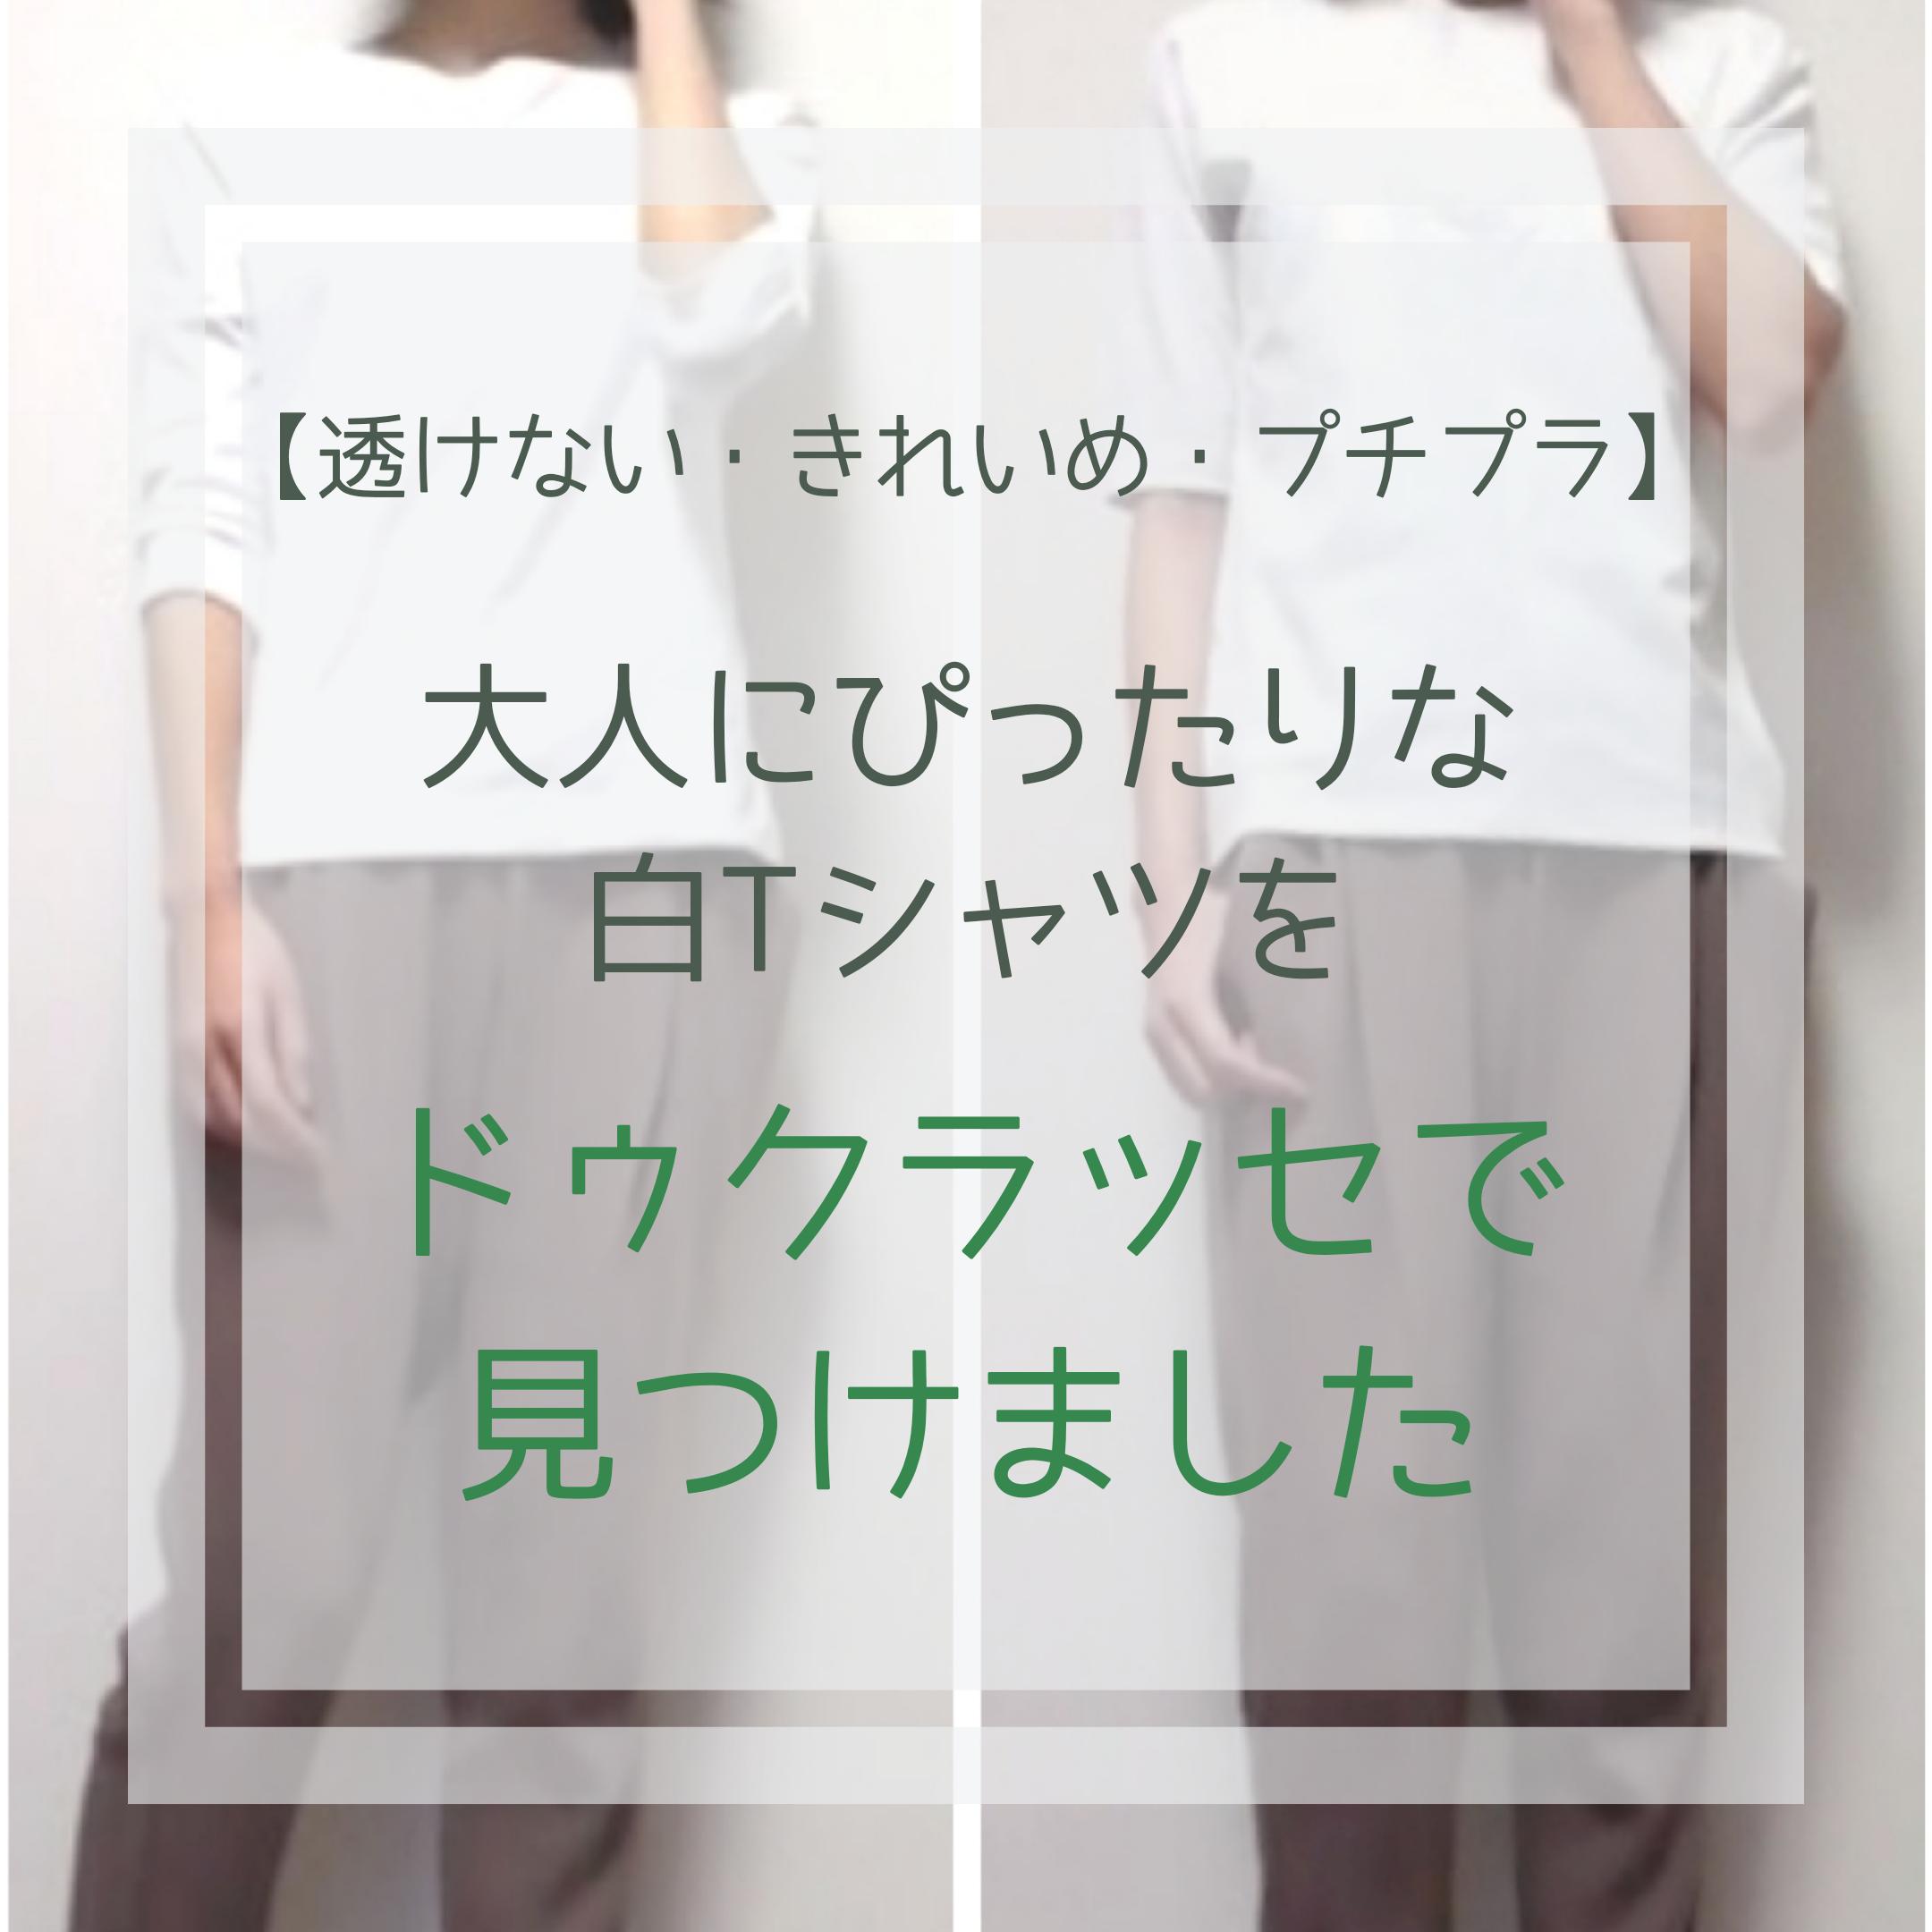 【透けない・きれいめ・プチプラ】大人にぴったりな白Tシャツをドゥクラッセで見つけました☆